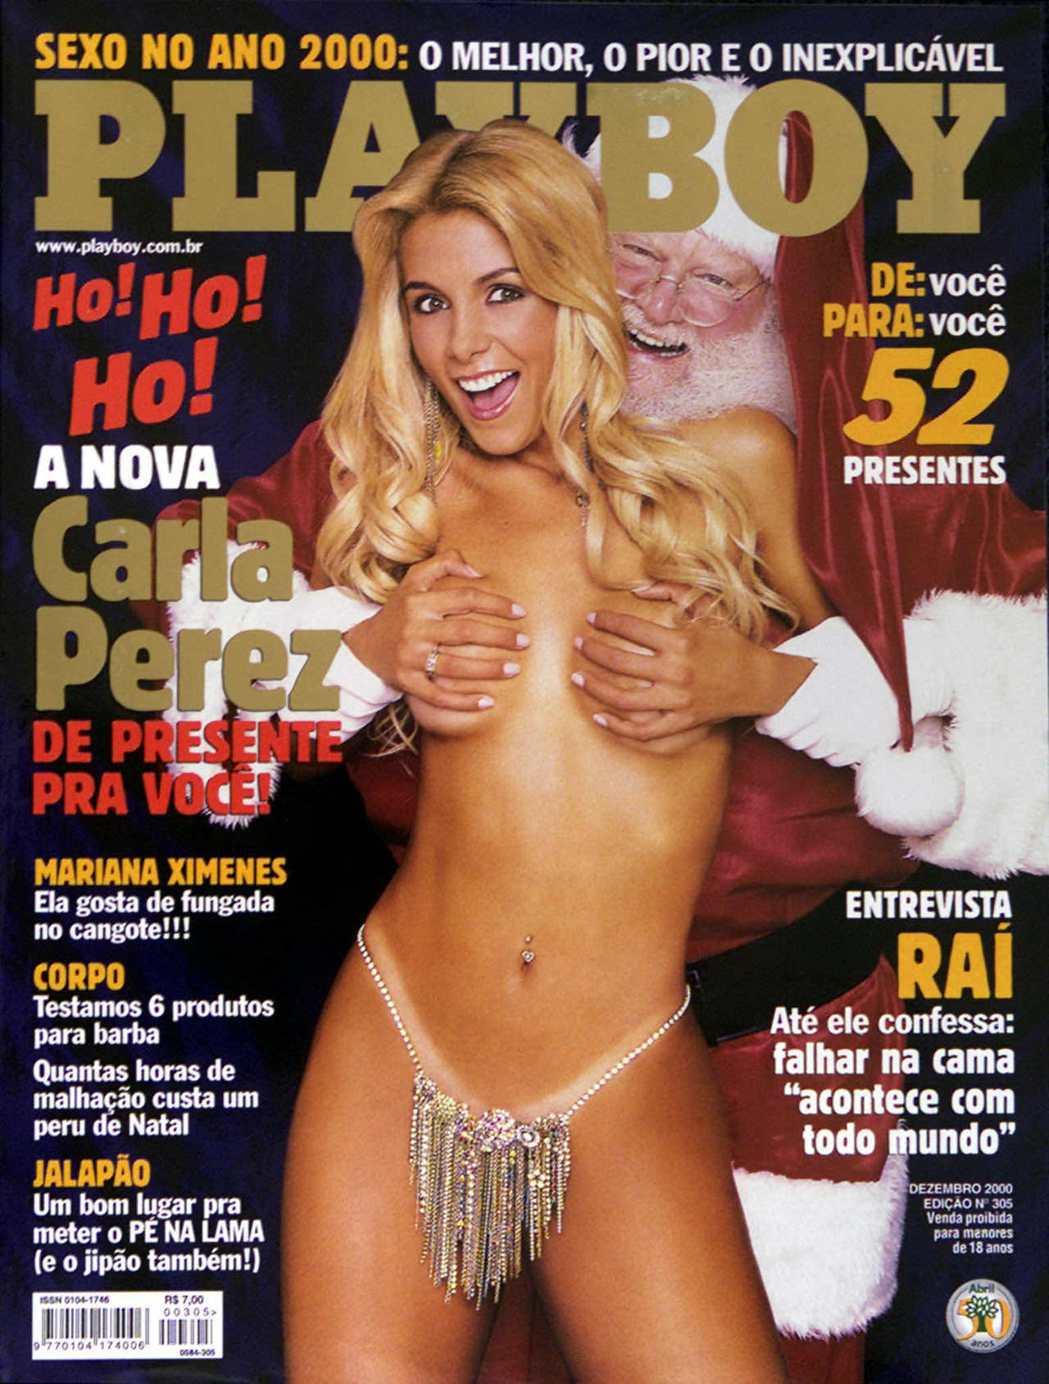 花花公子2000年12月號封面女郎、舞者卡拉佩雷斯。 (路透)